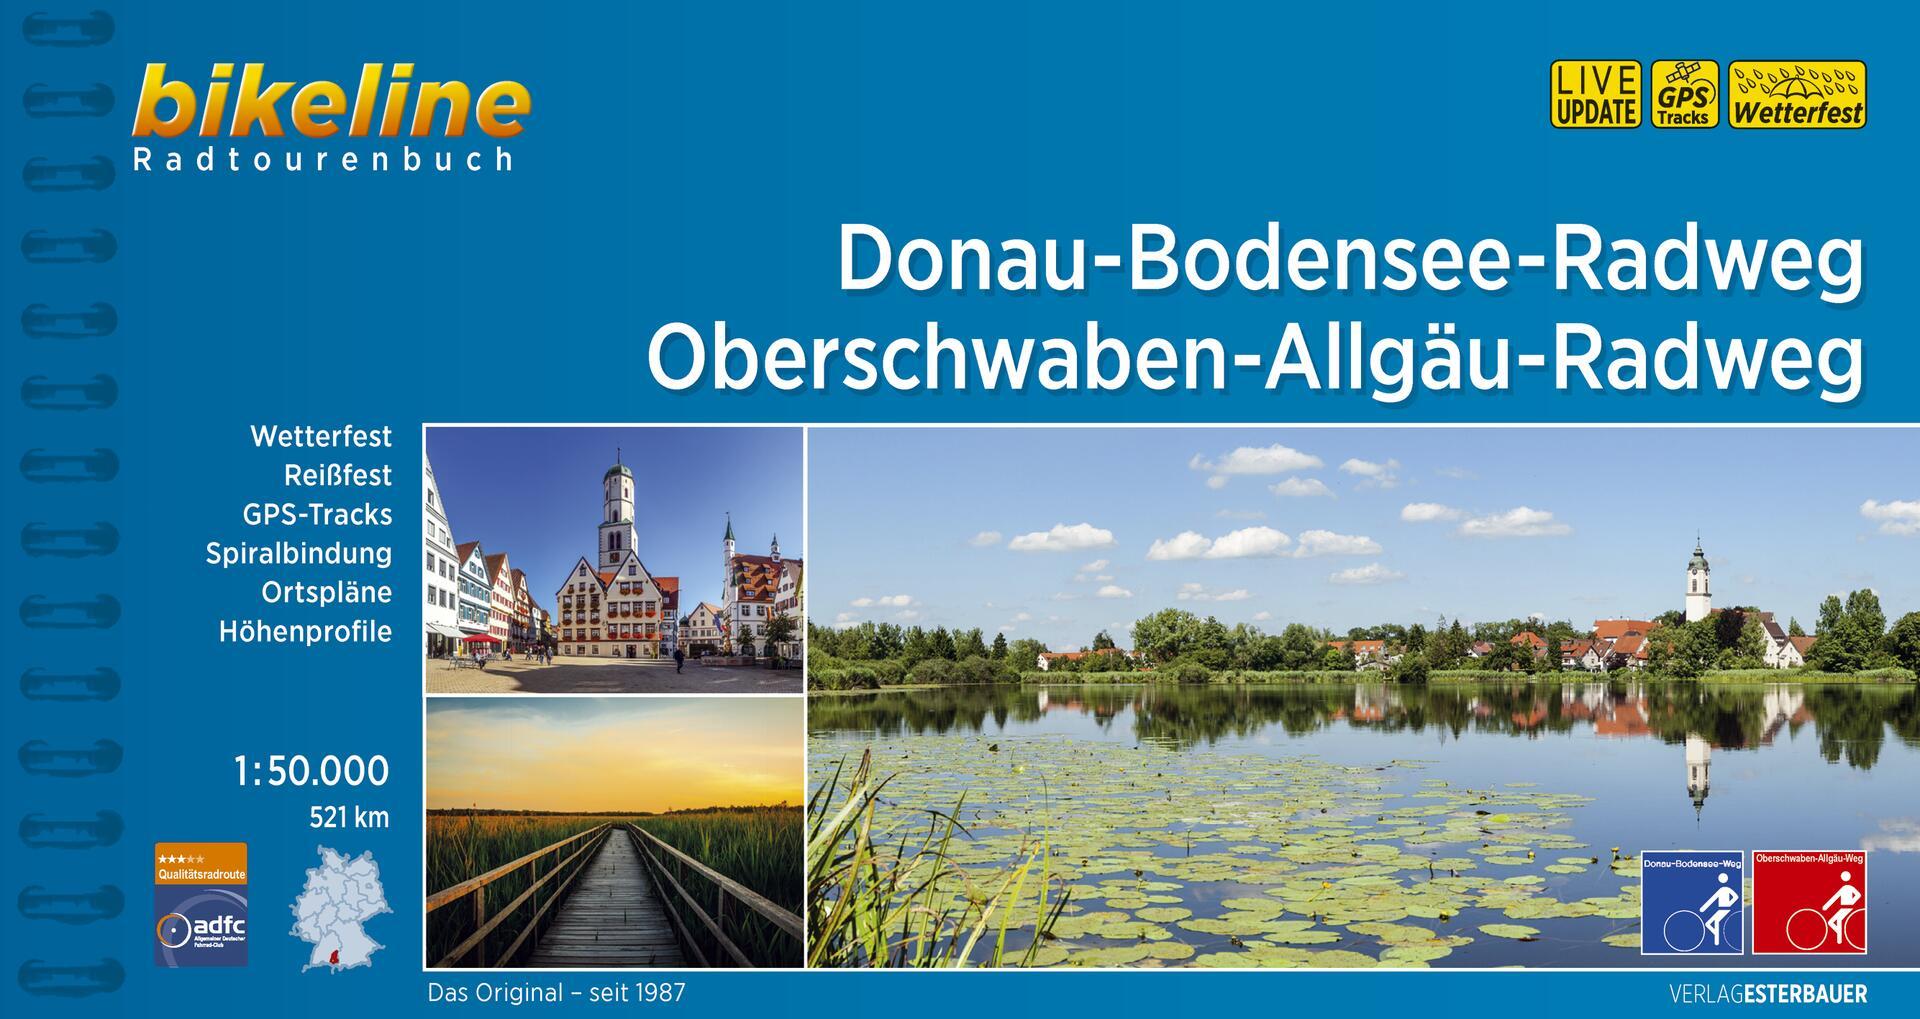 Foto vom Donau-Bodensee-Radweg • Oberschwaben-Allgäu-Radweg